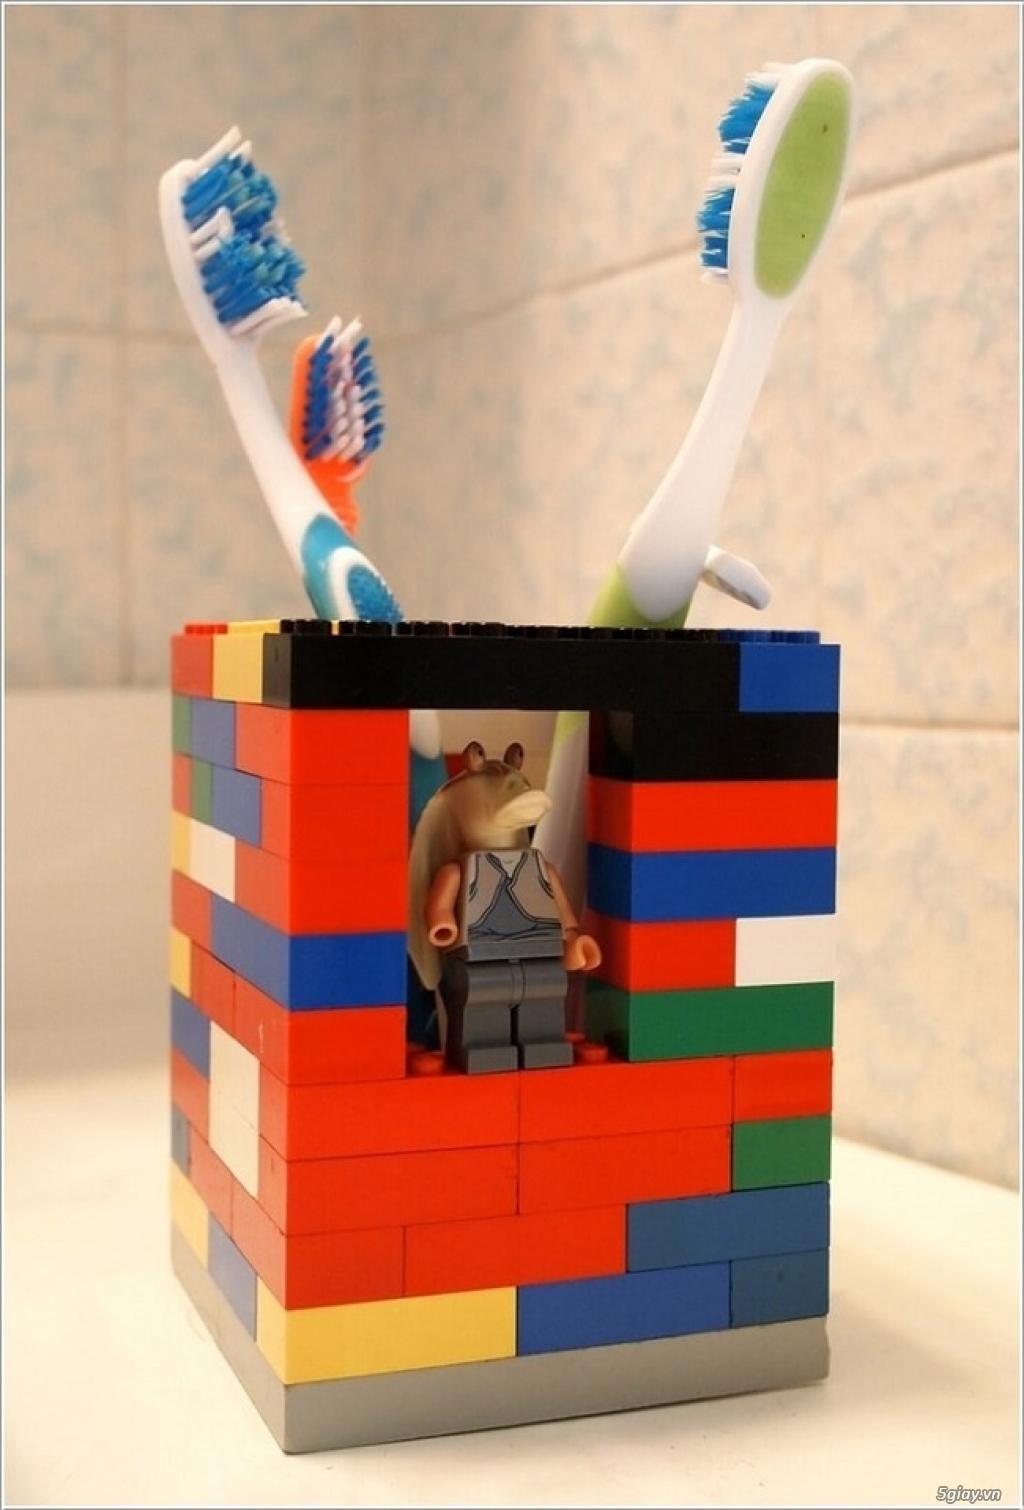 10 cách tái chế hoàn hảo để cất giữ bàn chải đánh răng - 7